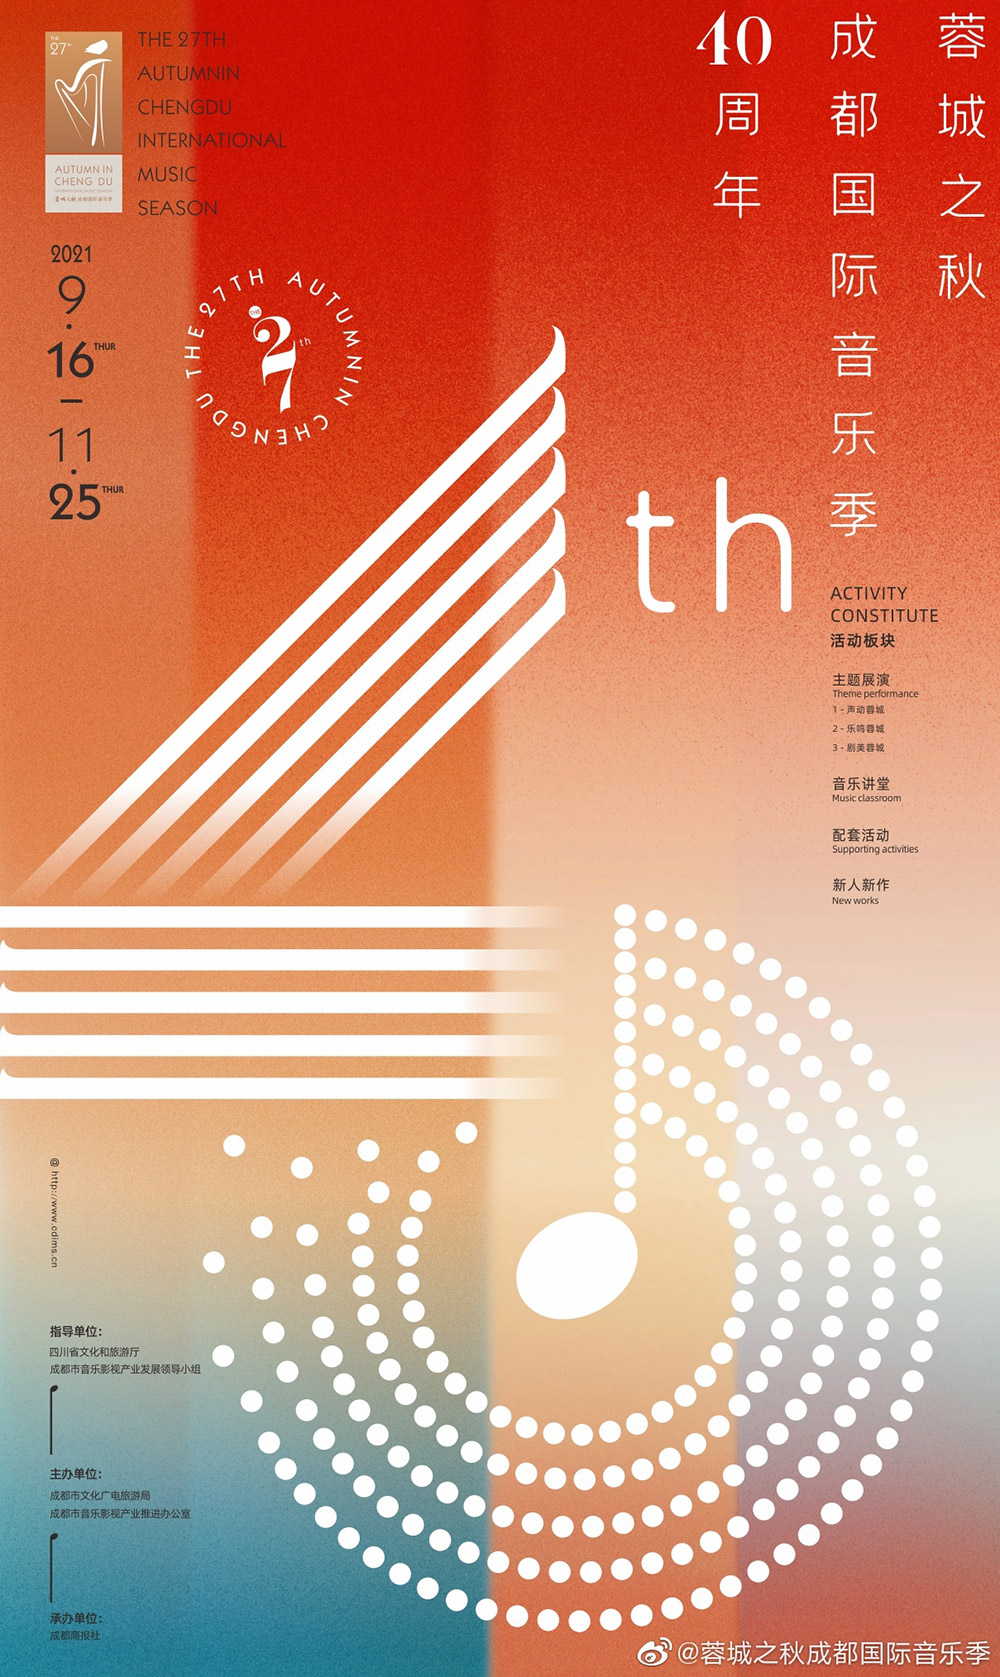 """第27届""""蓉城之秋""""成都国际音乐季海报设计"""